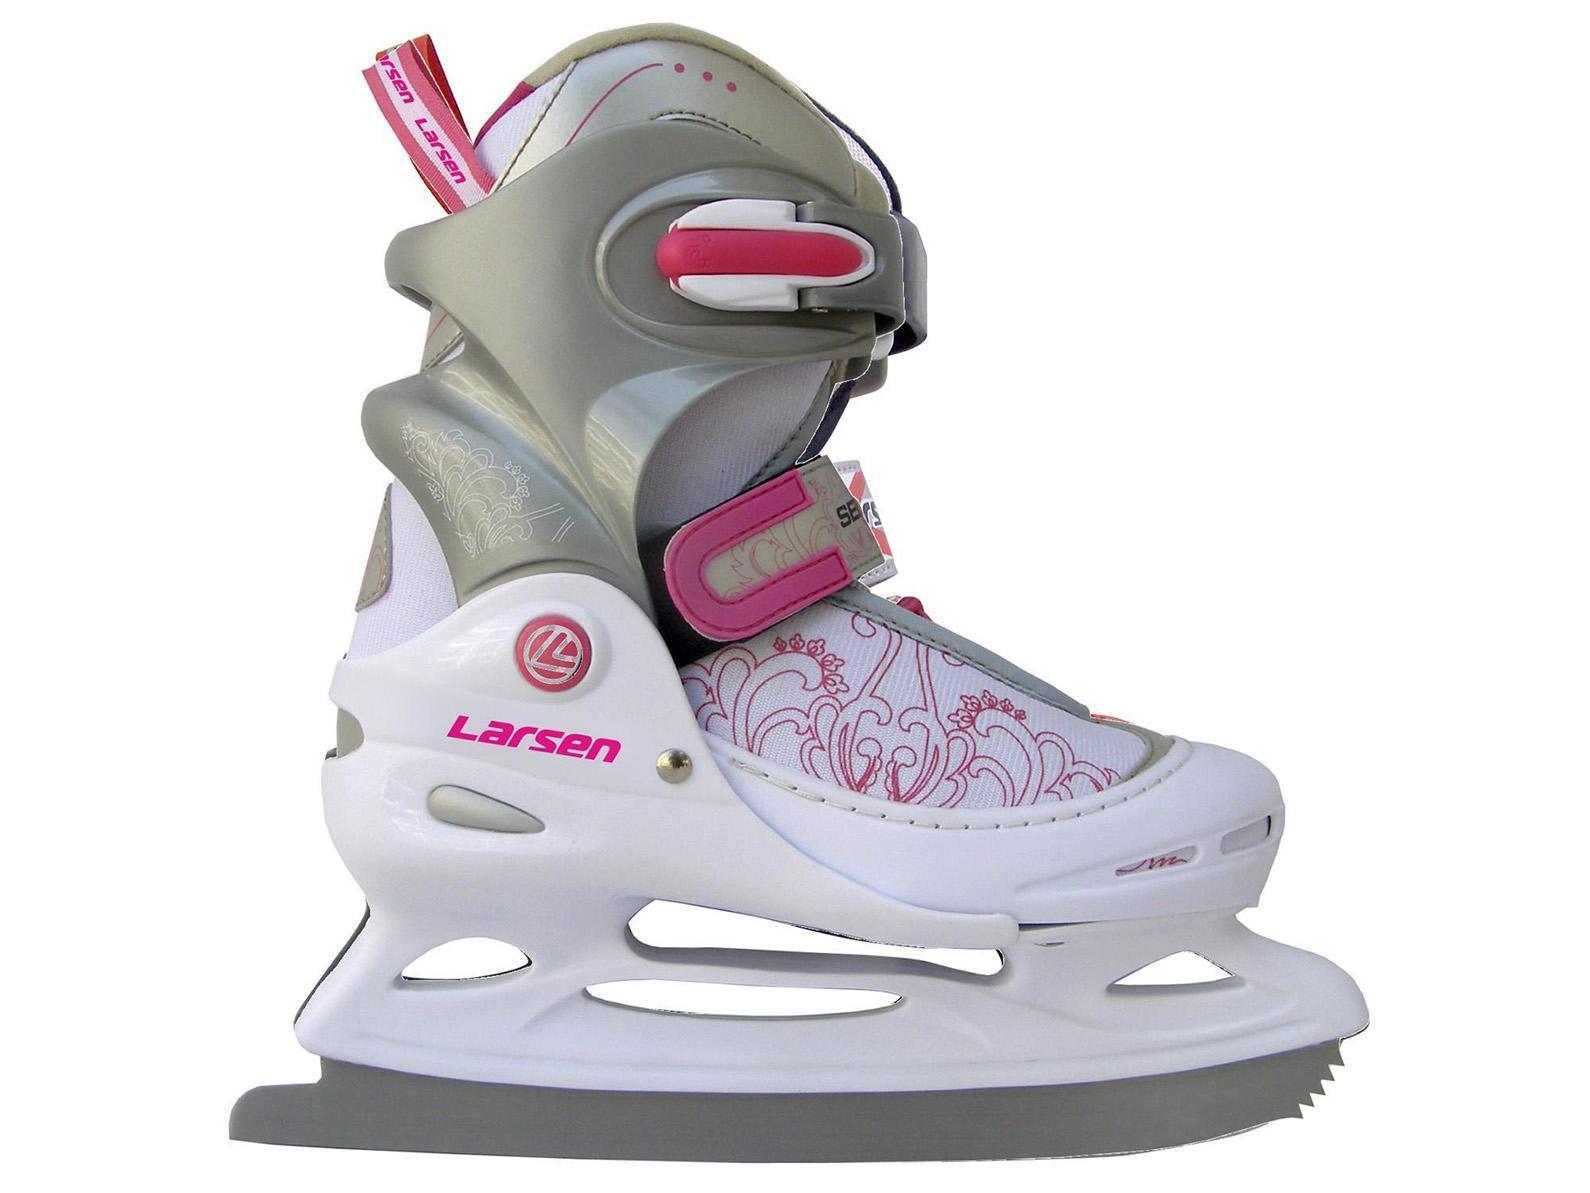 Коньки ледовые детские Larsen, раздвижные, цвет: серый, розовый, белый. Liberty 2014-2015. Размер 34/37 Larsen Liberty 2014-2015 White-Grey-